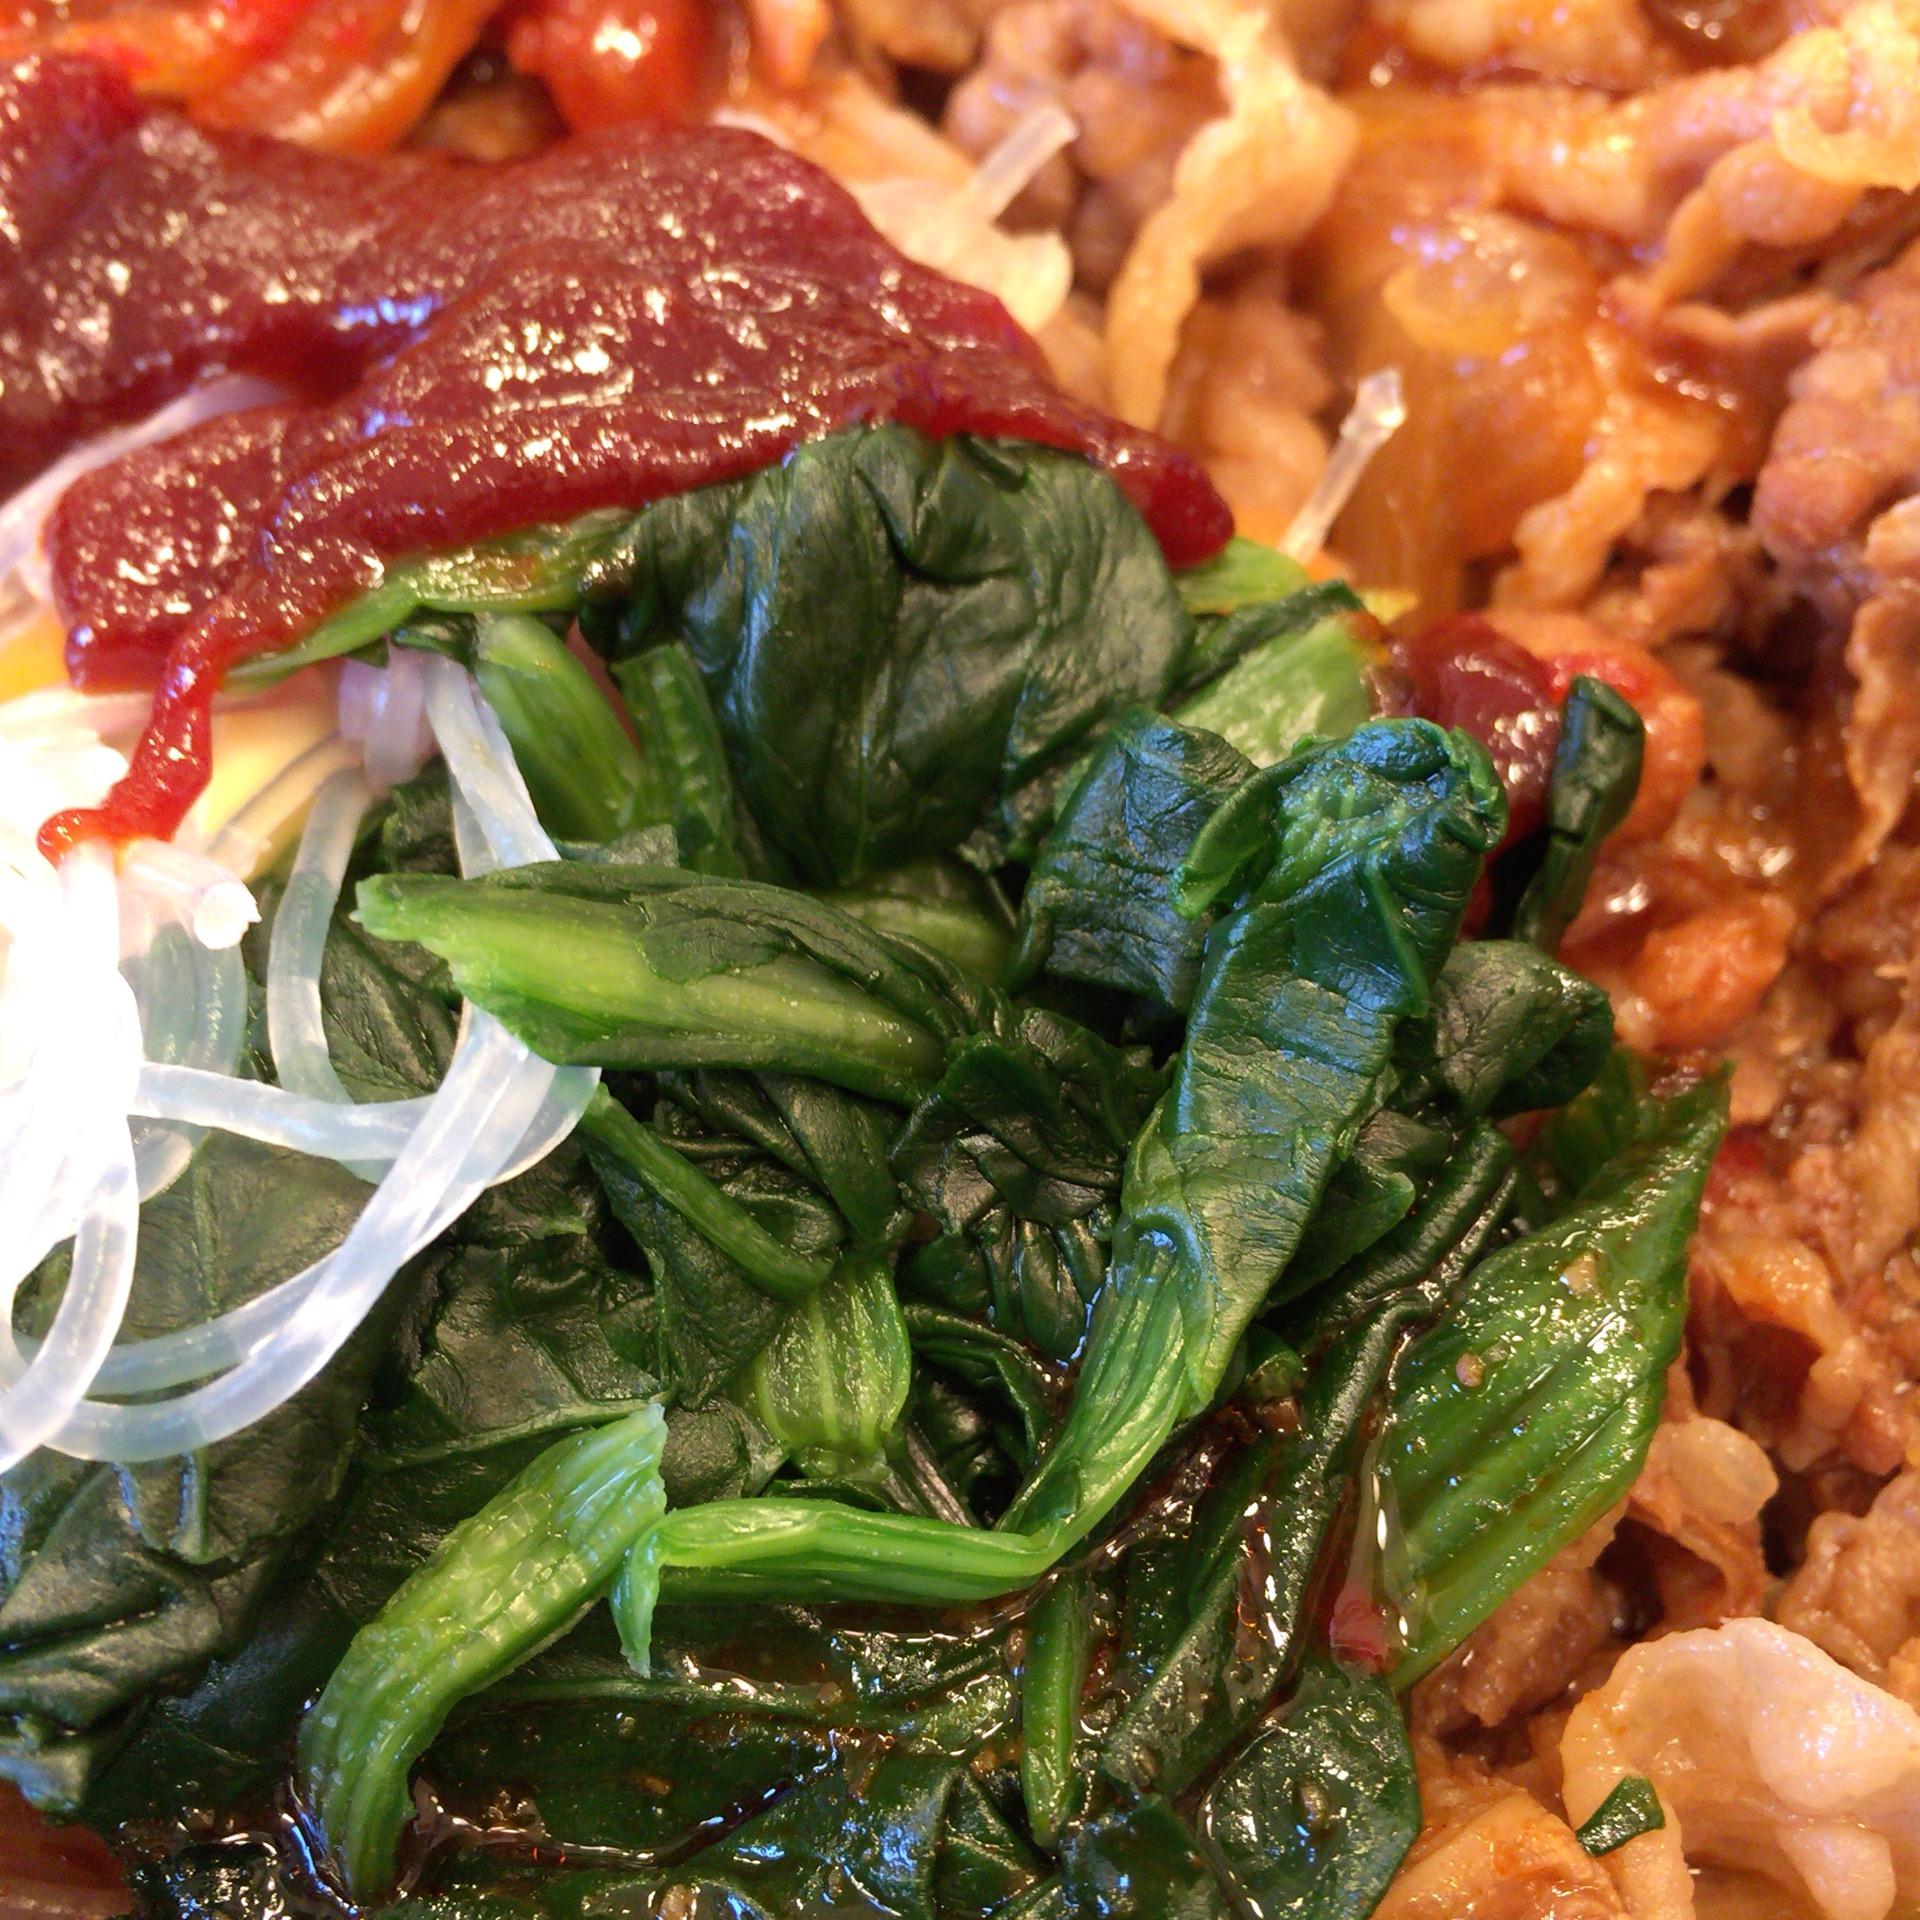 すき家の『低糖質ロカボ牛ビビン麺』を食べてみた。糖質制限に最高すぎる珠玉の逸品だったので感動を伝えたい。